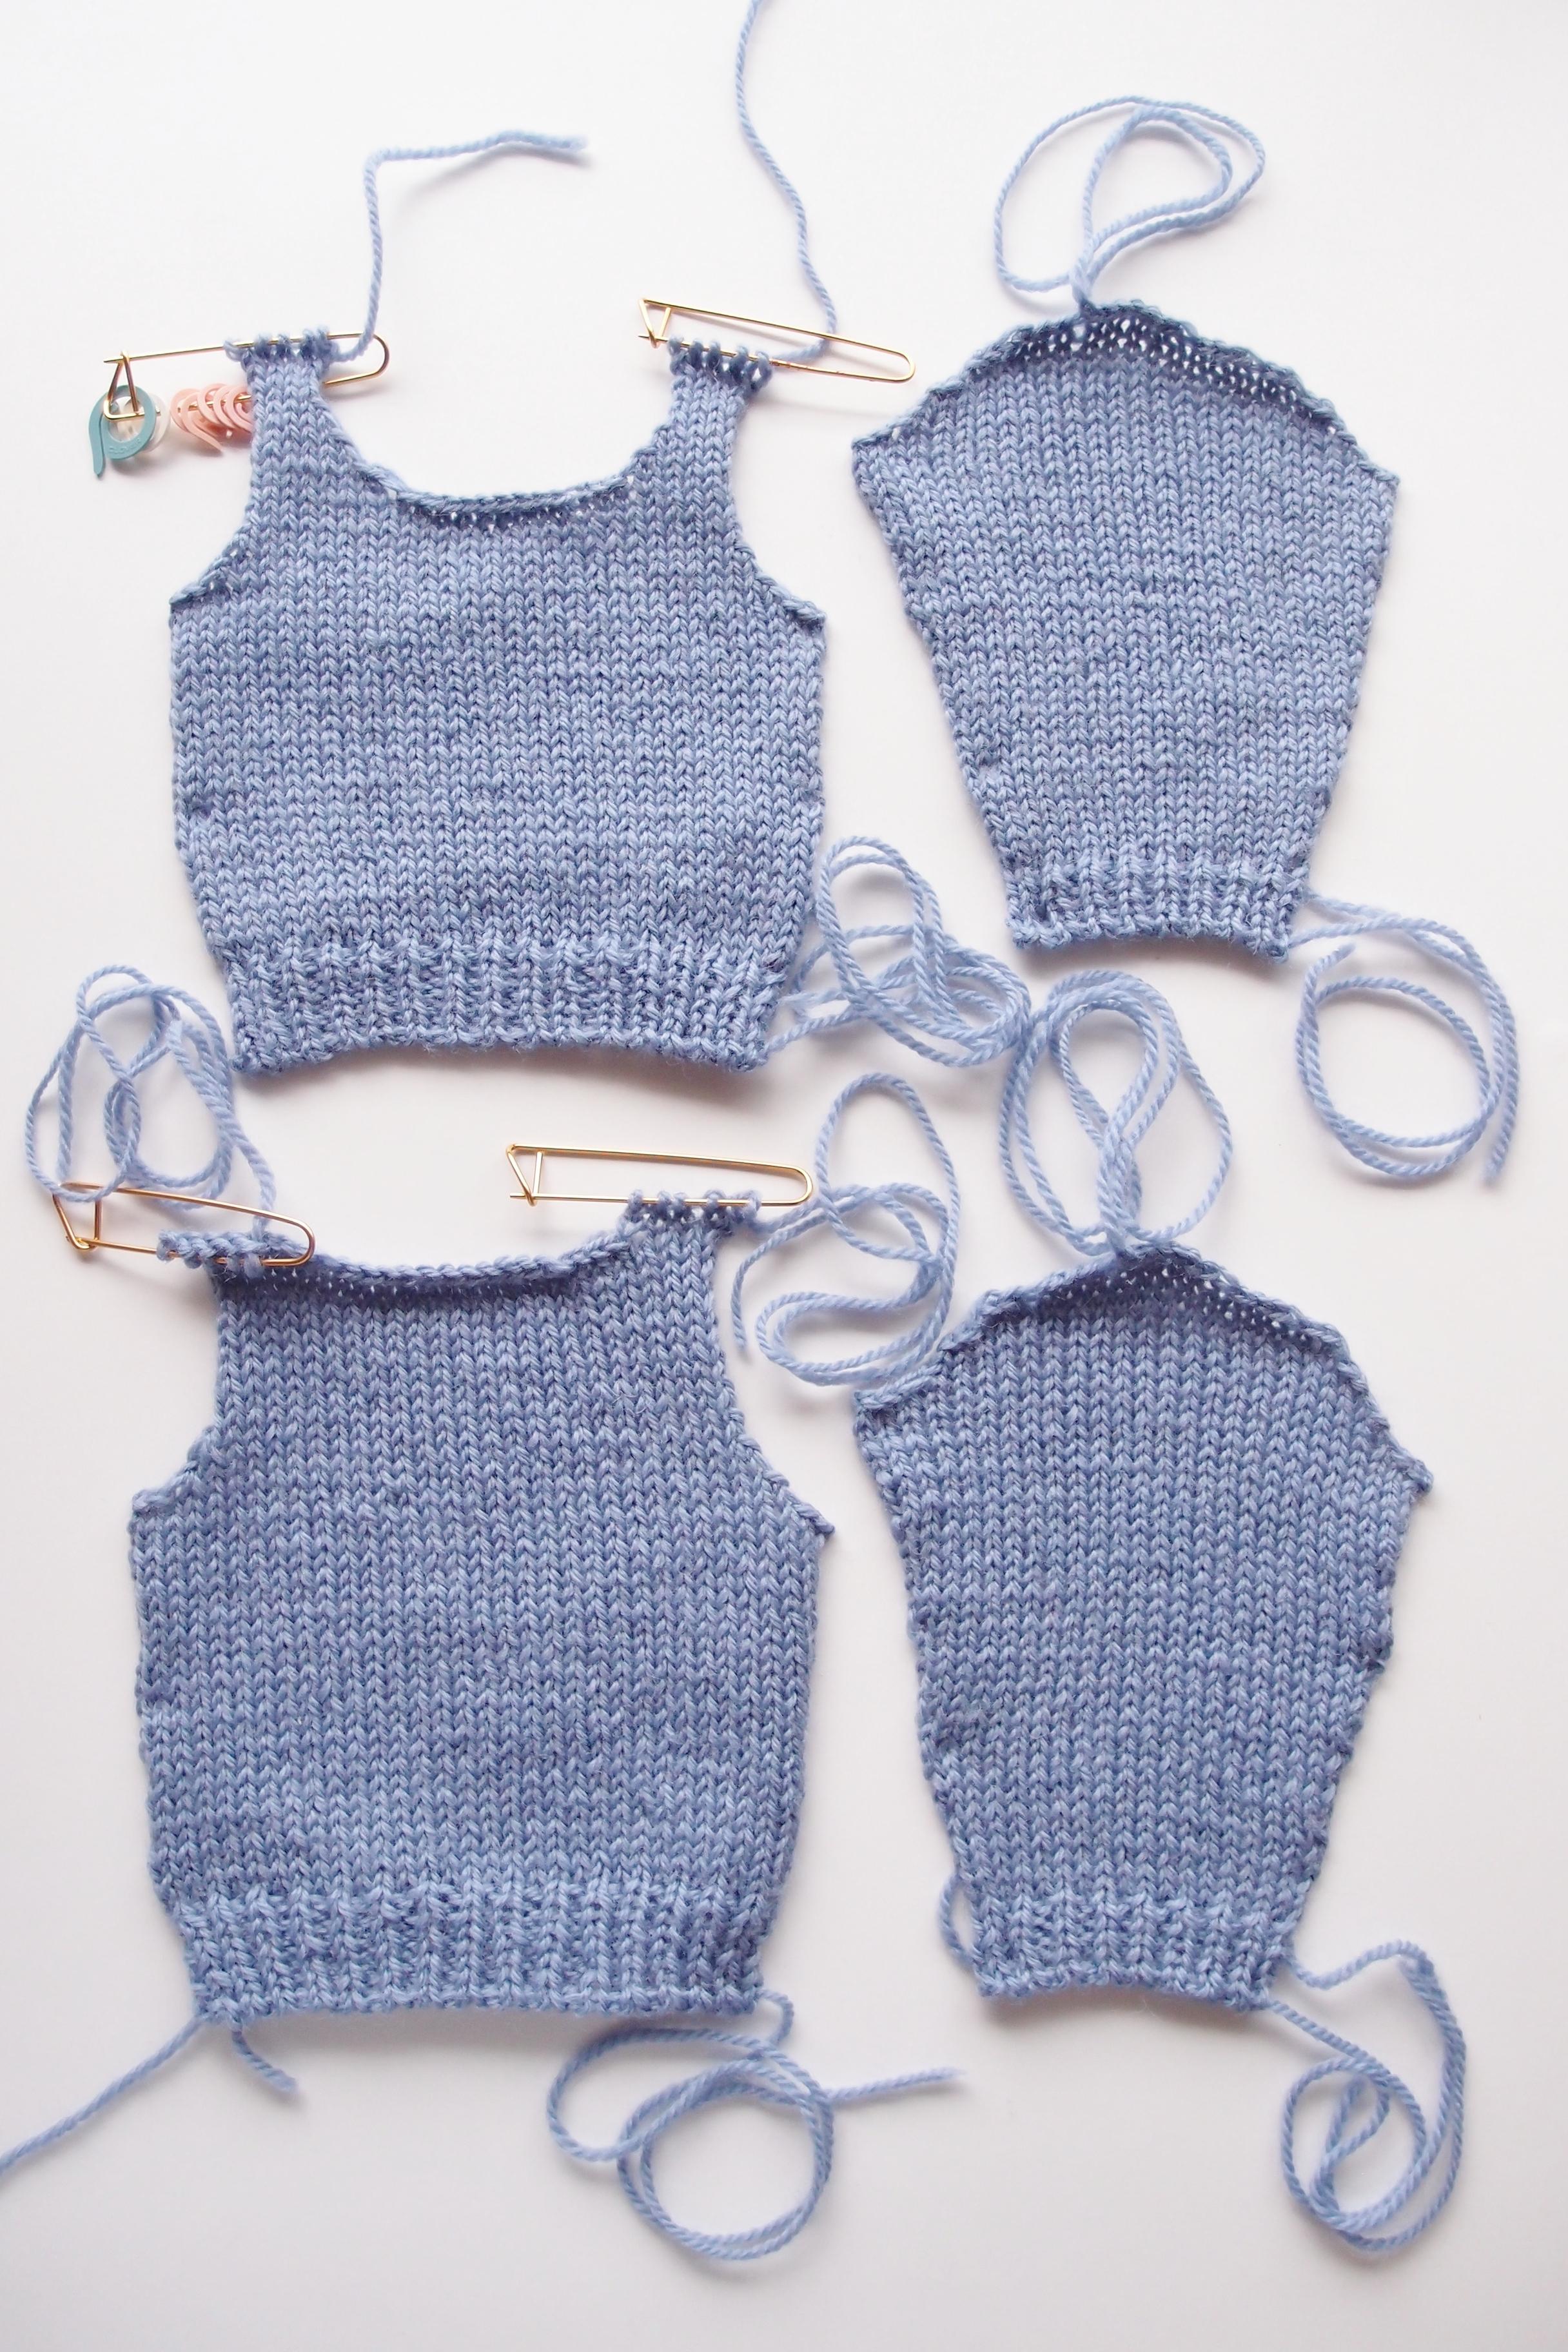 編みかけて放置されている作品を、はやく完成させたい!!